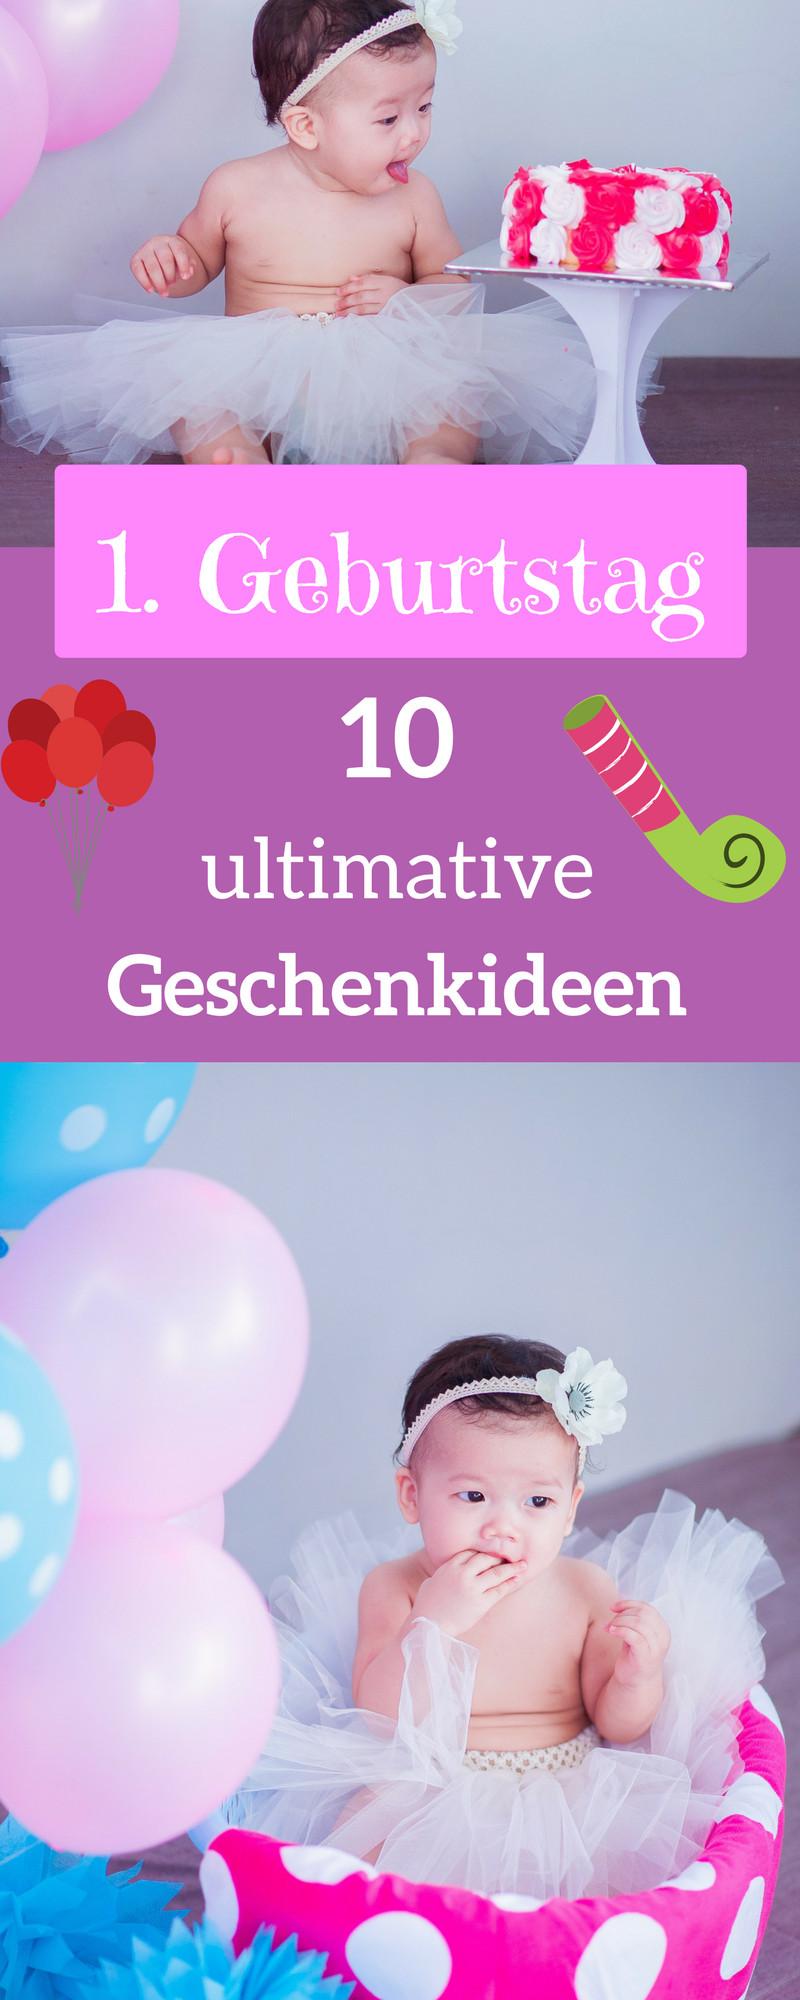 Geburtstagsgeschenke Für Mädchen  Geschenke zum ersten Geburtstag für Mädchen und Jungen